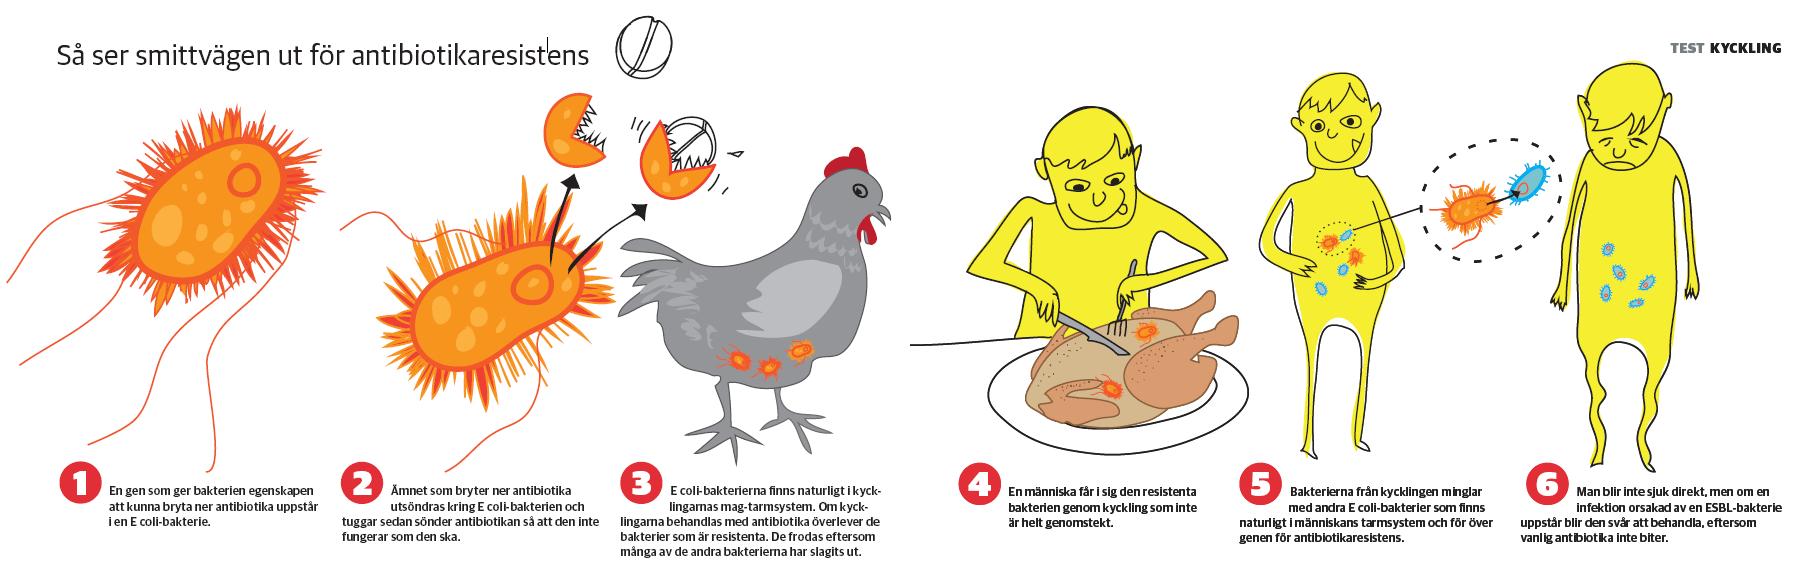 vad är kyckling bra för